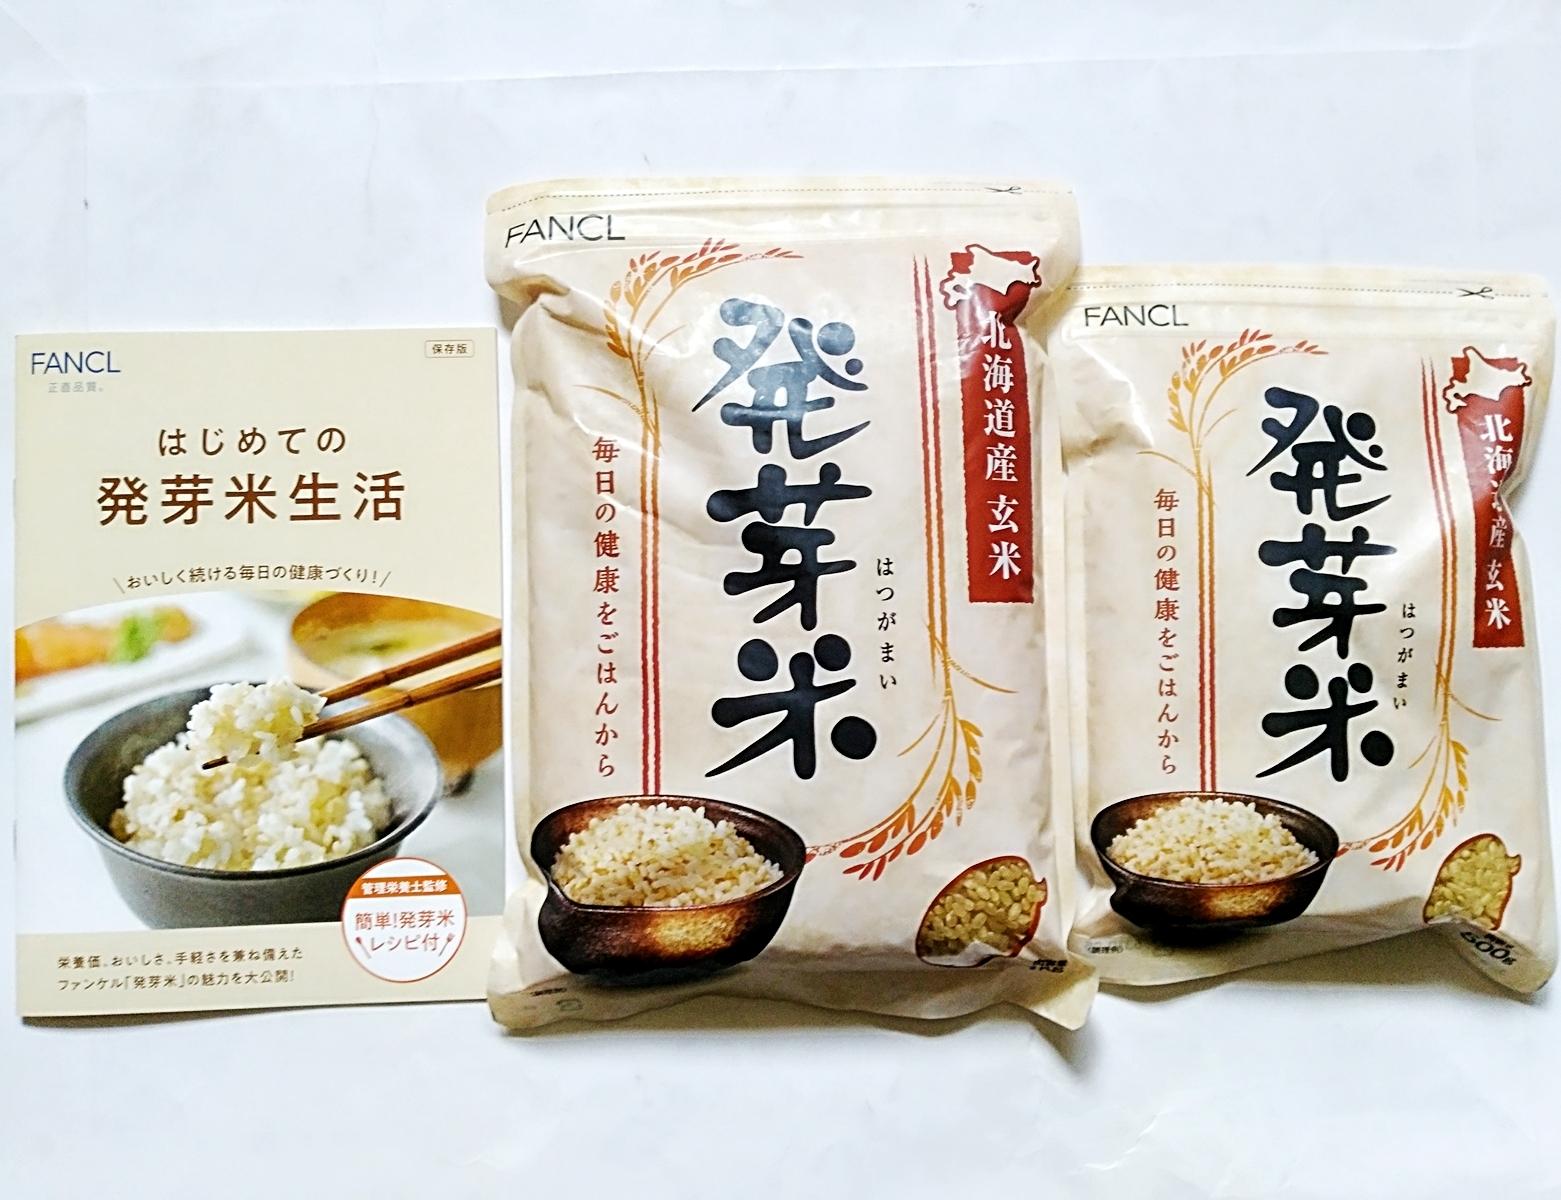 通販限定!!お得な増量セット【ファンケルの発芽米】で発芽米生活始めました